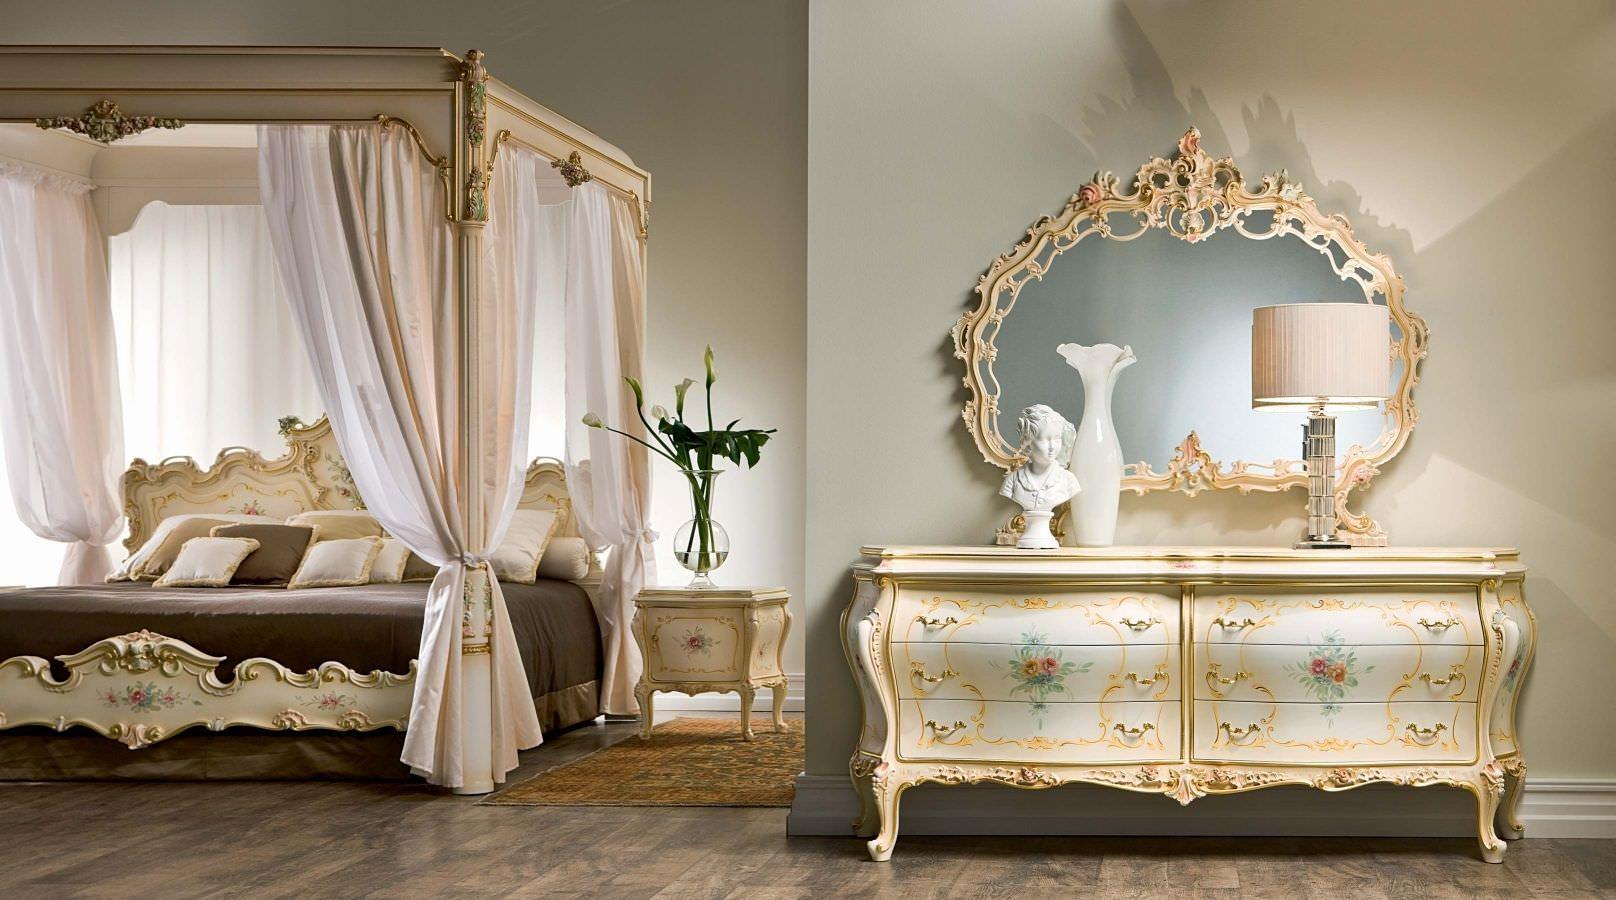 idees camera letto » letto baldacchino moderno - galleria design ... - Camera Da Letto Baldacchino